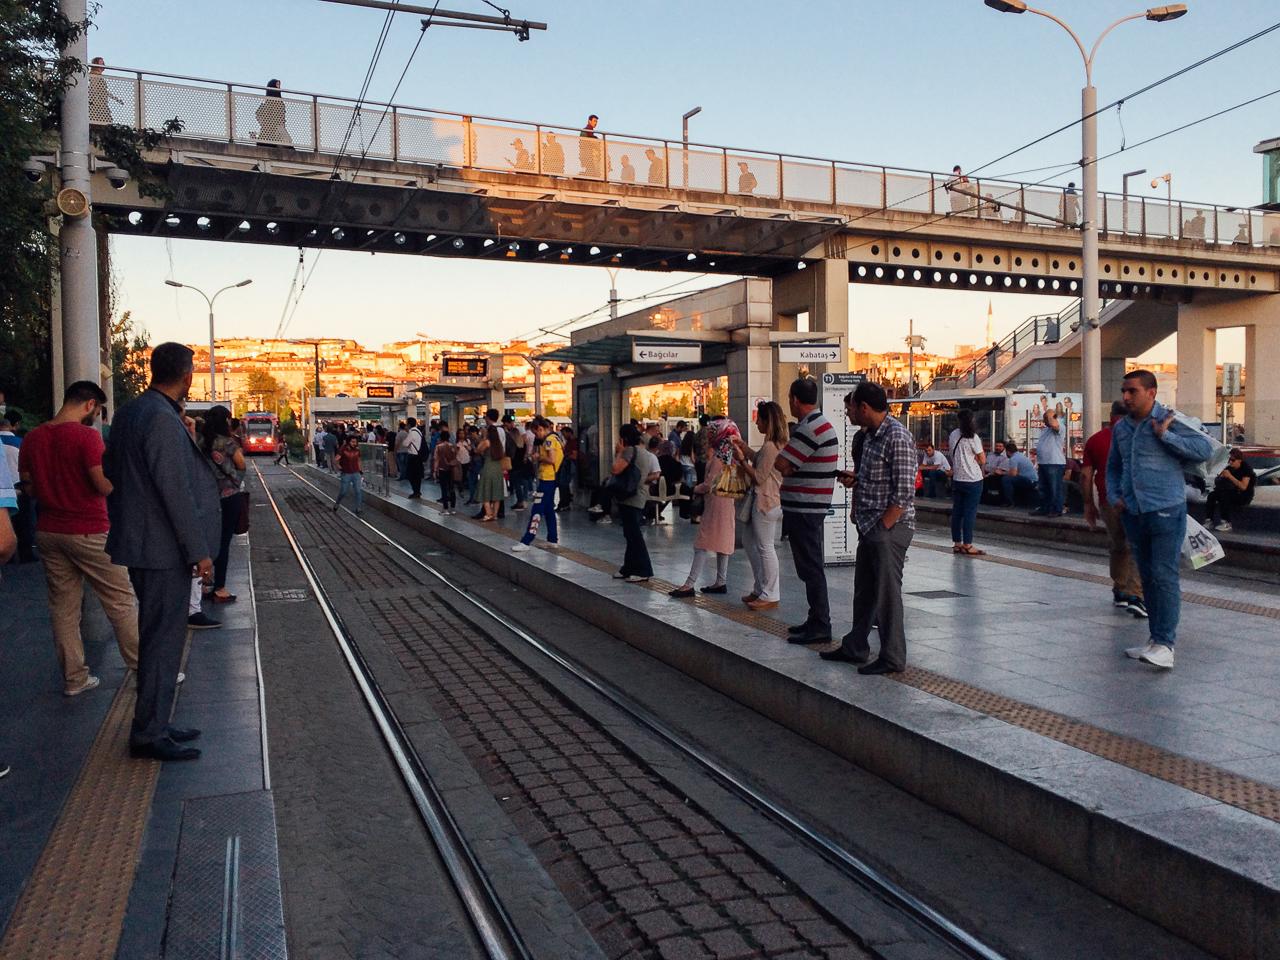 Стоповер в Стамбуле. День 1: Пересадка на трамвай на станции Zeytinburnu